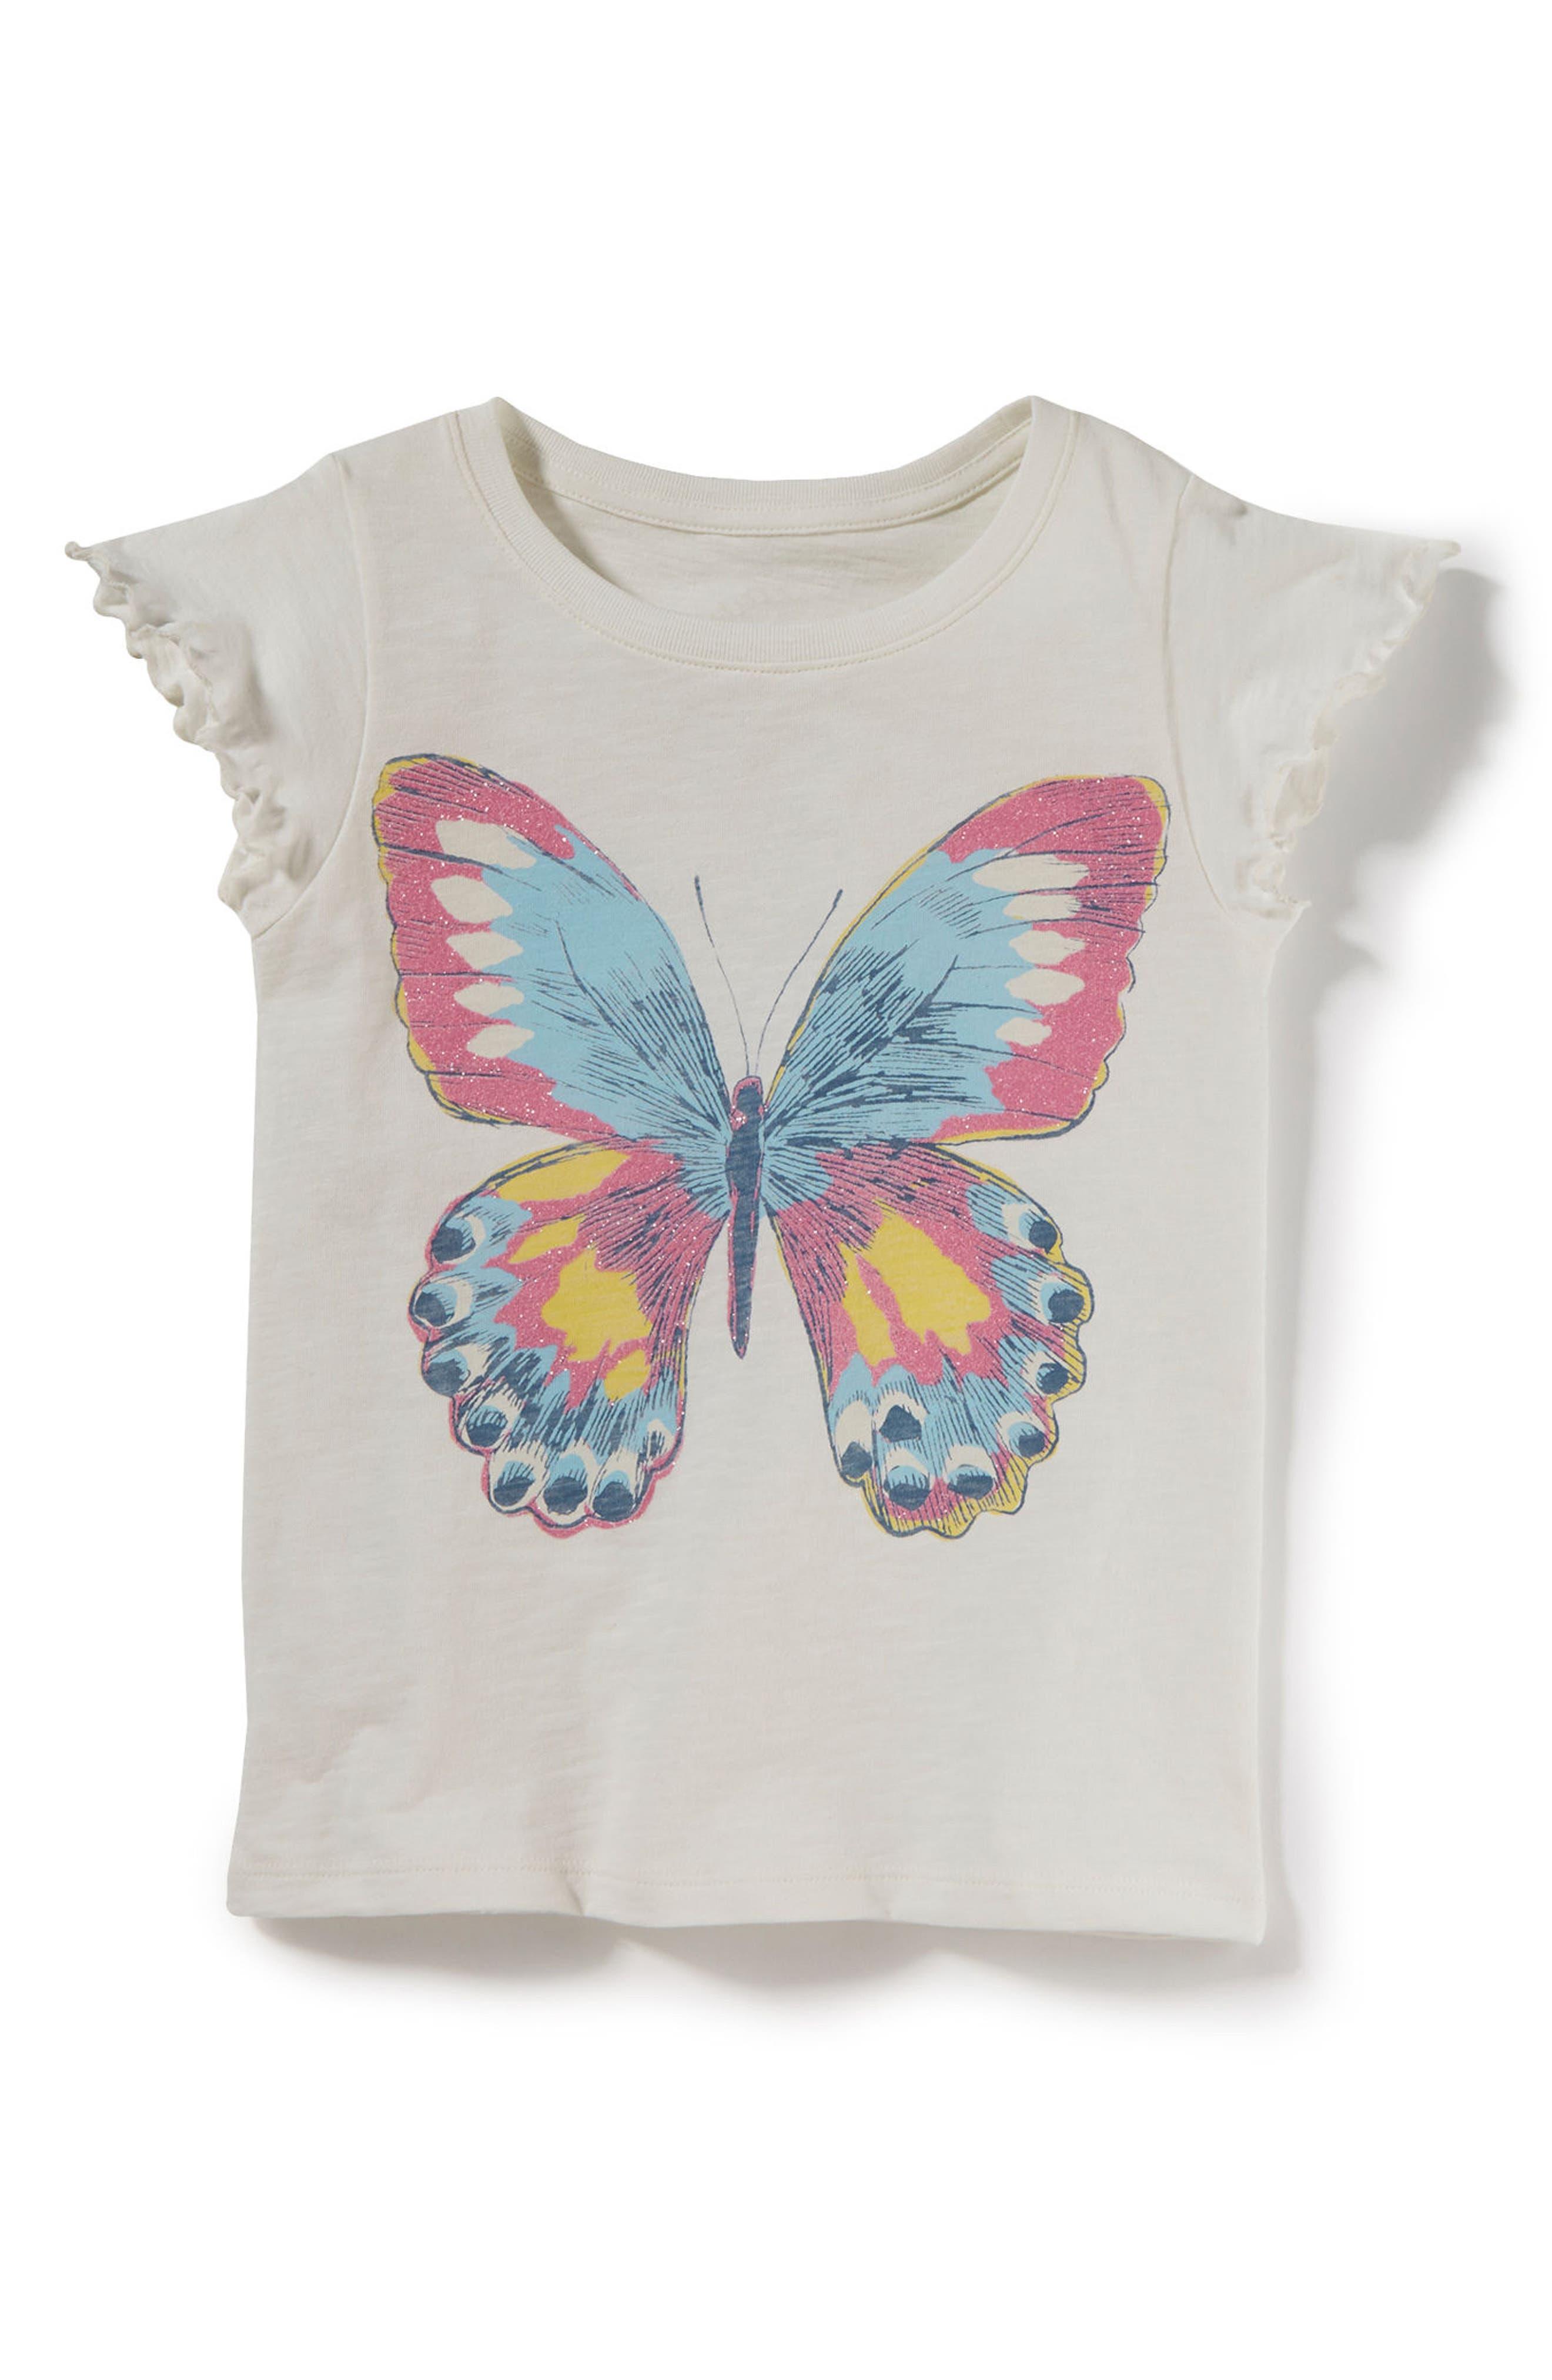 Main Image - Peek Butterfly Tee (Toddler Girls, Little Girls & Big Girls)